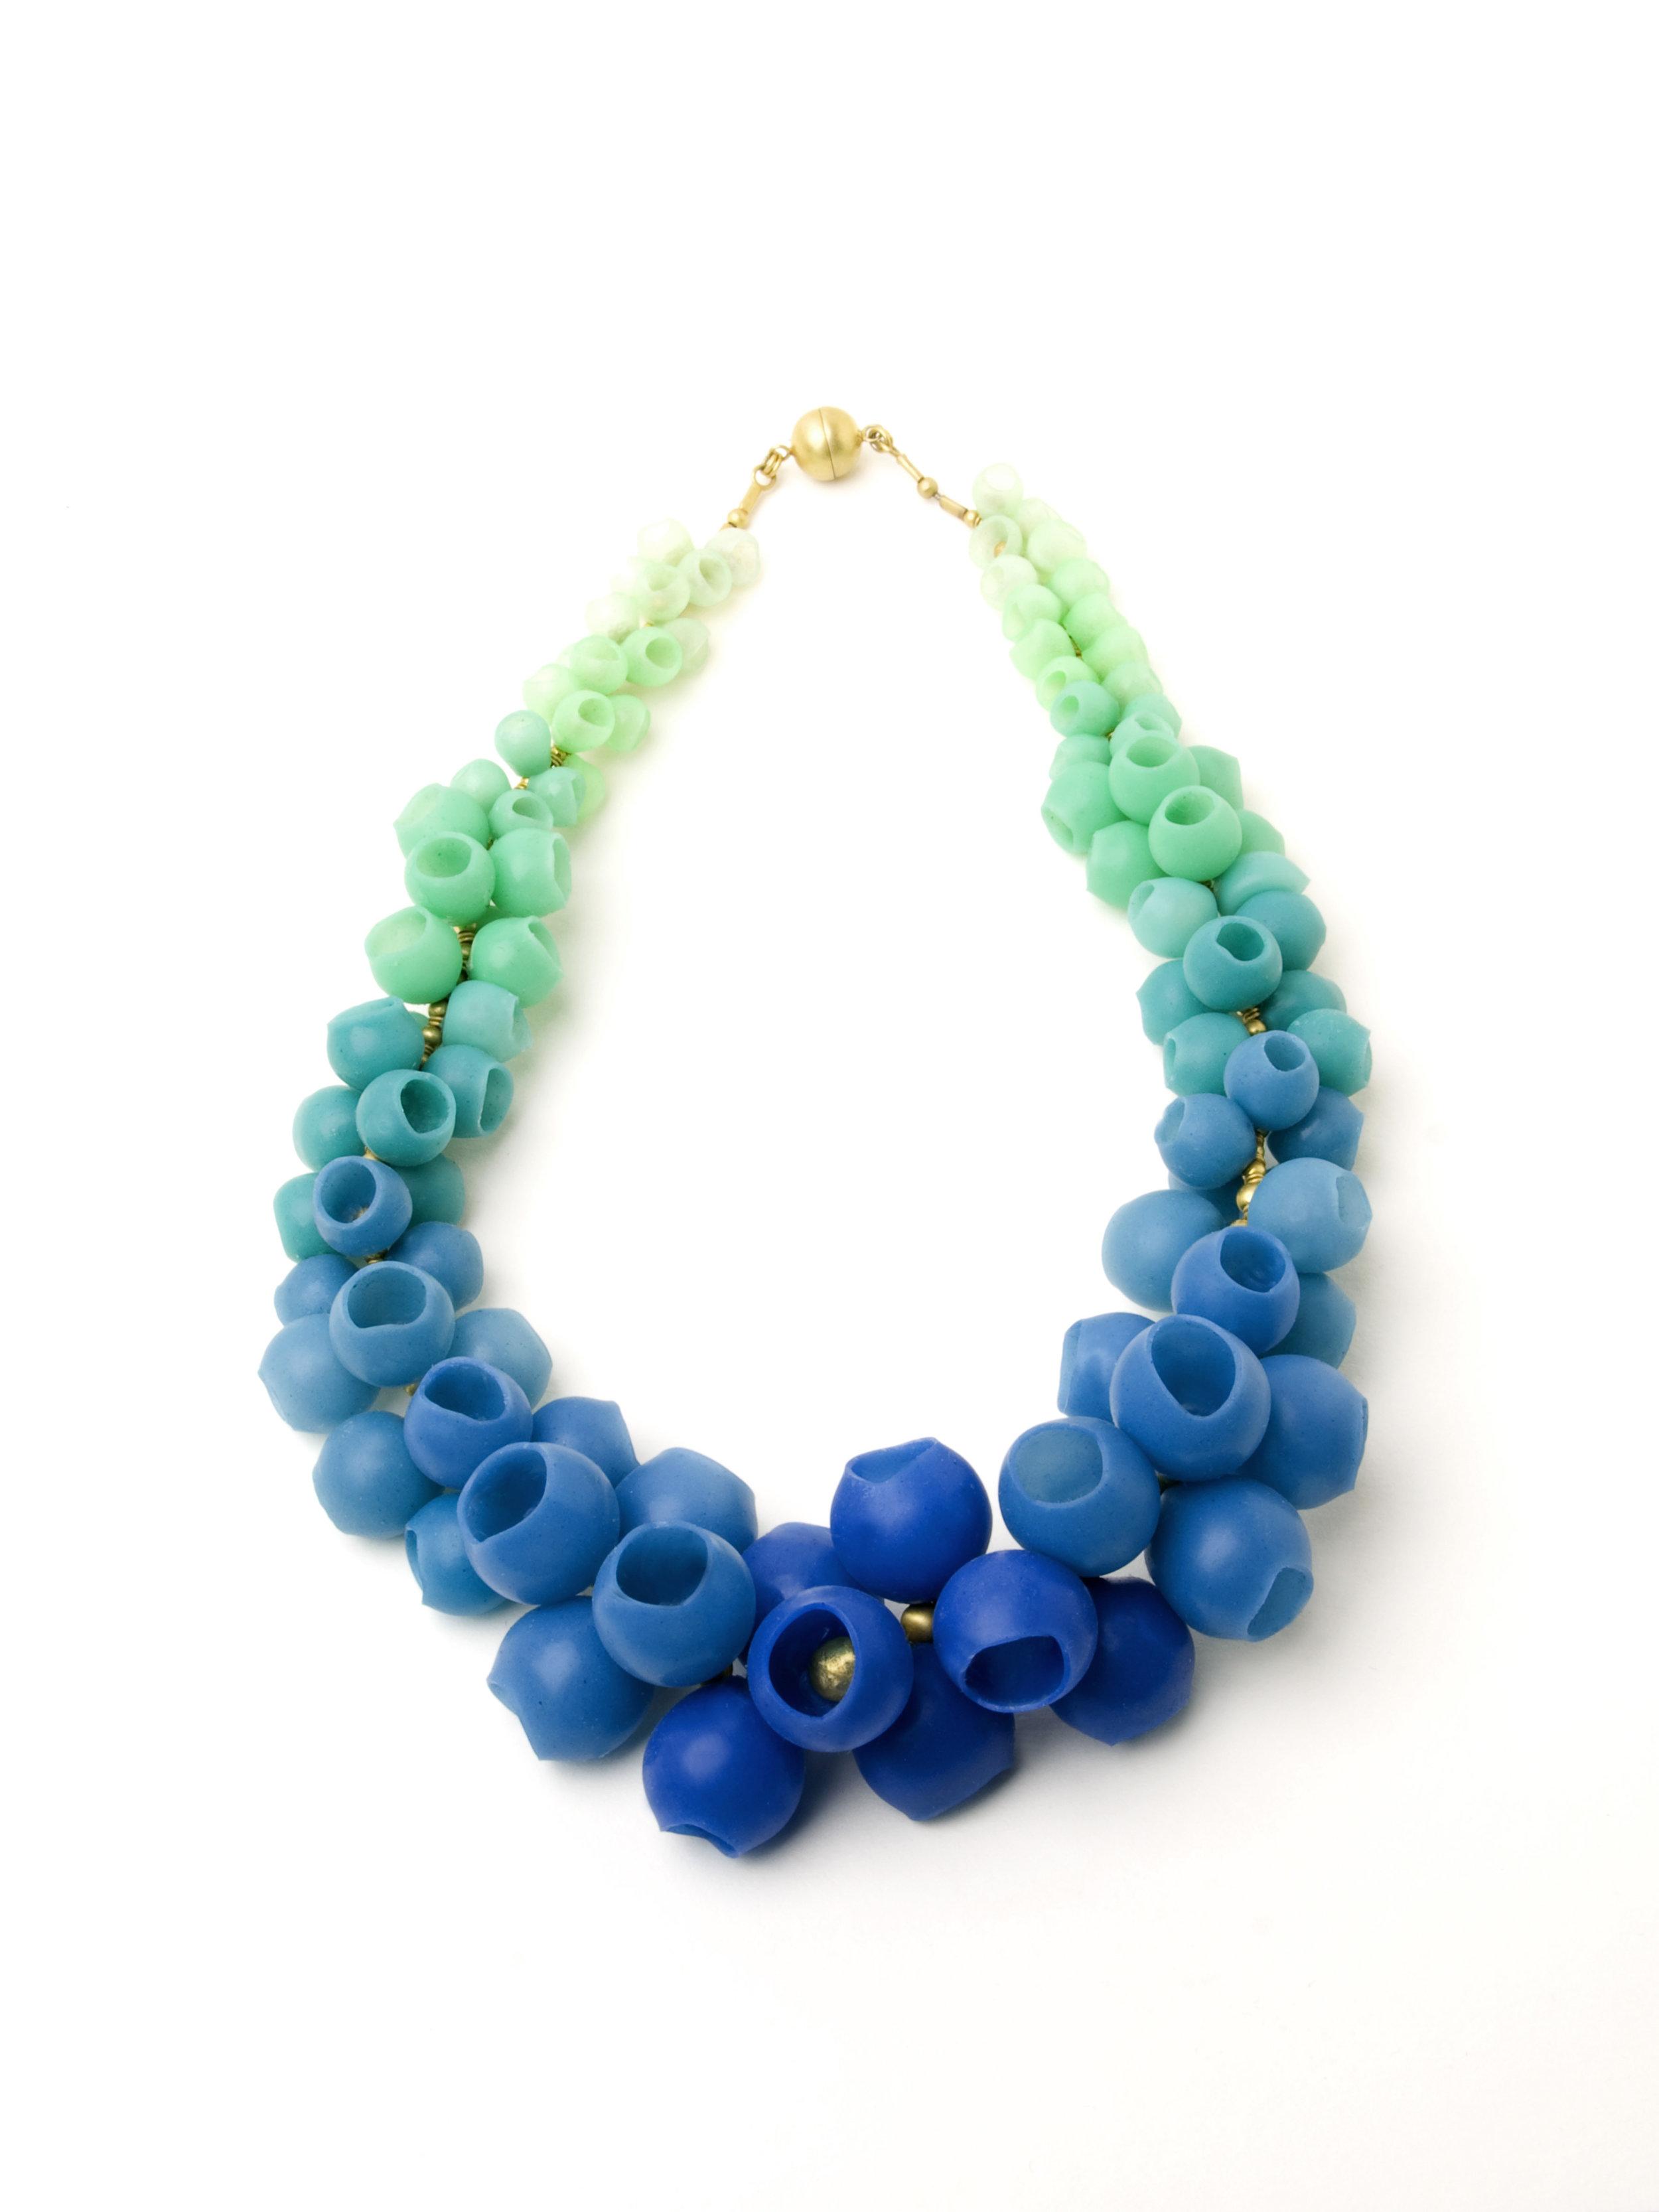 2 Jenny Llewellyn, Blue-Green fade Plume Necklace-300.jpg